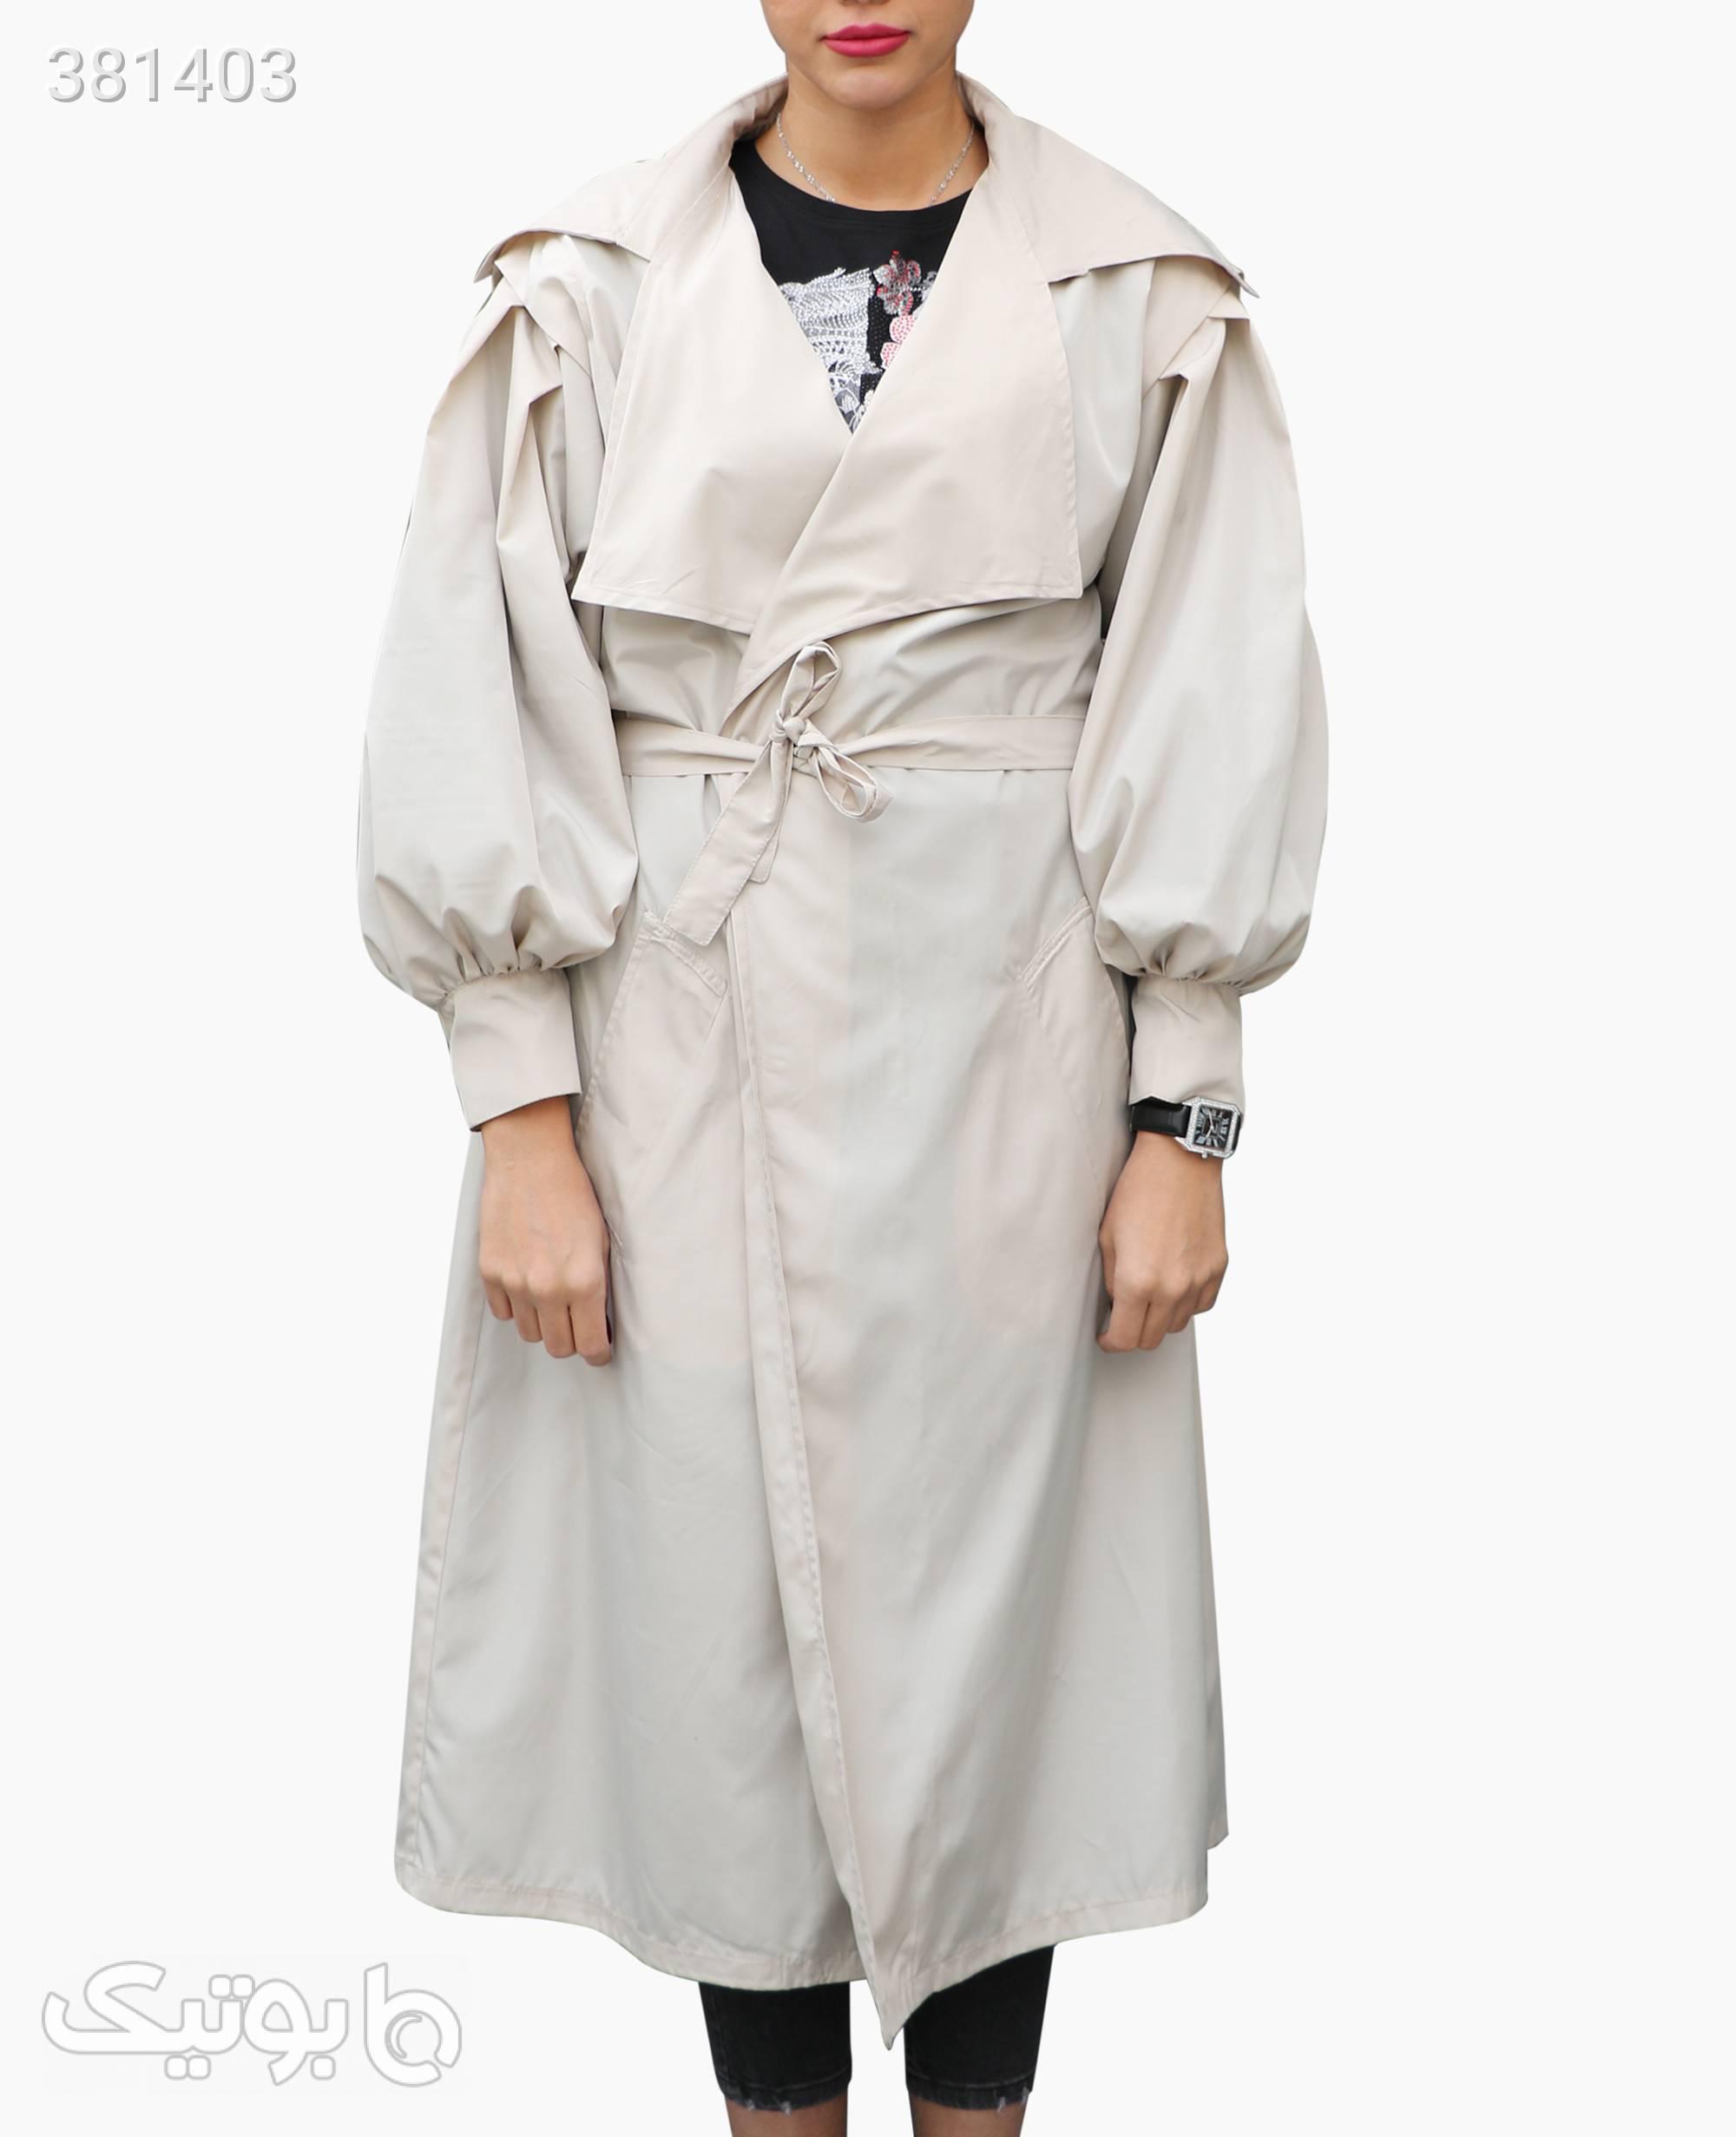 بارانی زنانه Massimo Dutti کد 4342 سبز کاپشن و بارانی زنانه